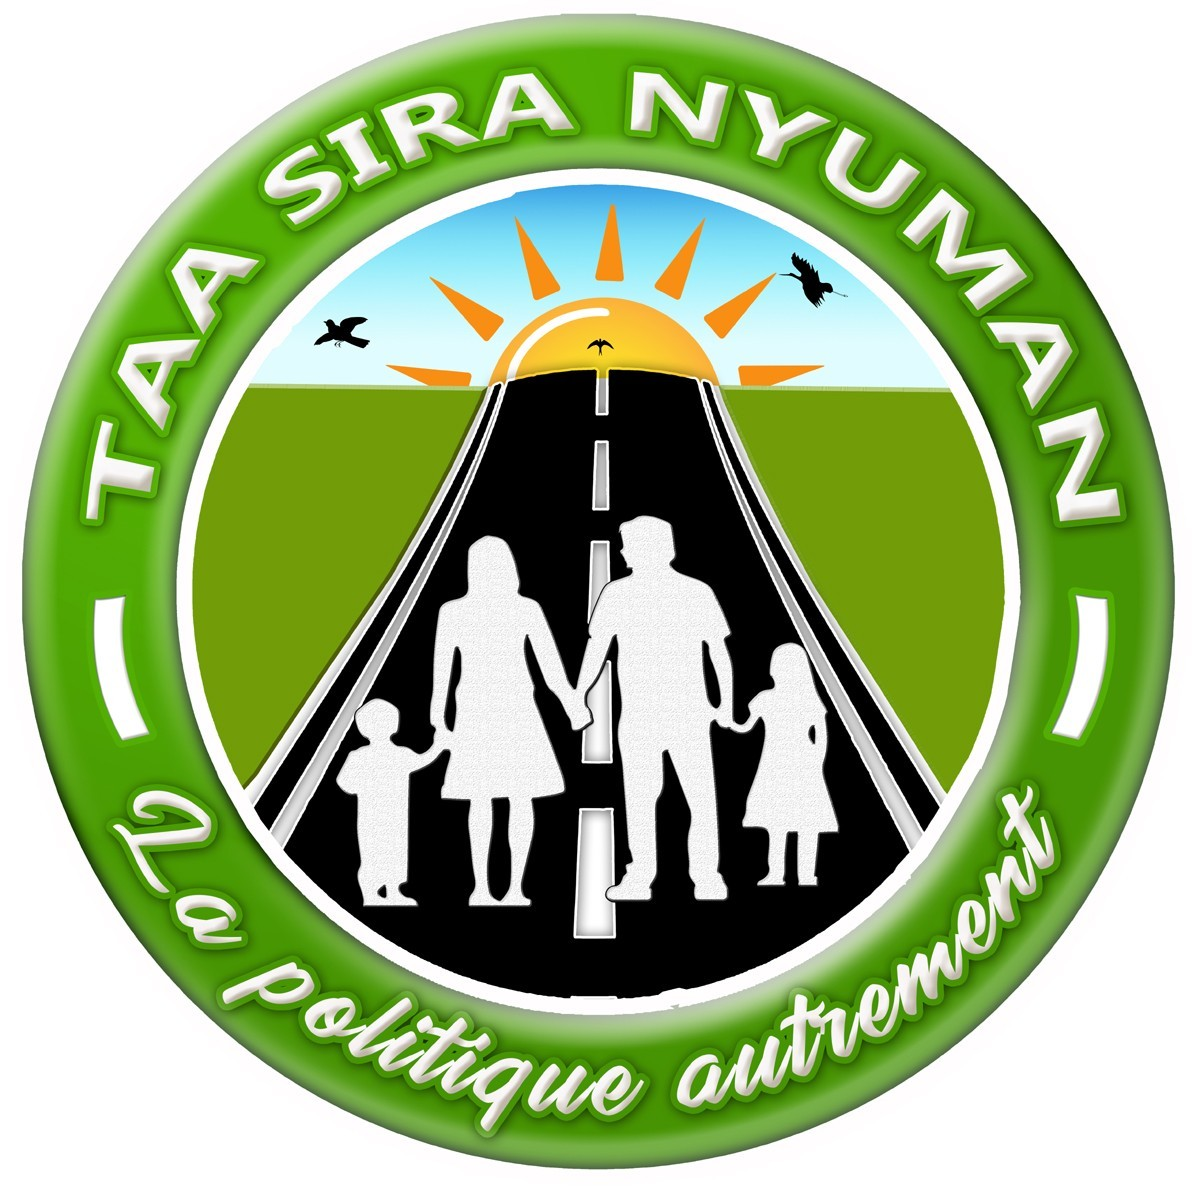 Mali : pour la lutte contre la corruption et l'impunité, cette contribution de «Taa sira Nyuman»